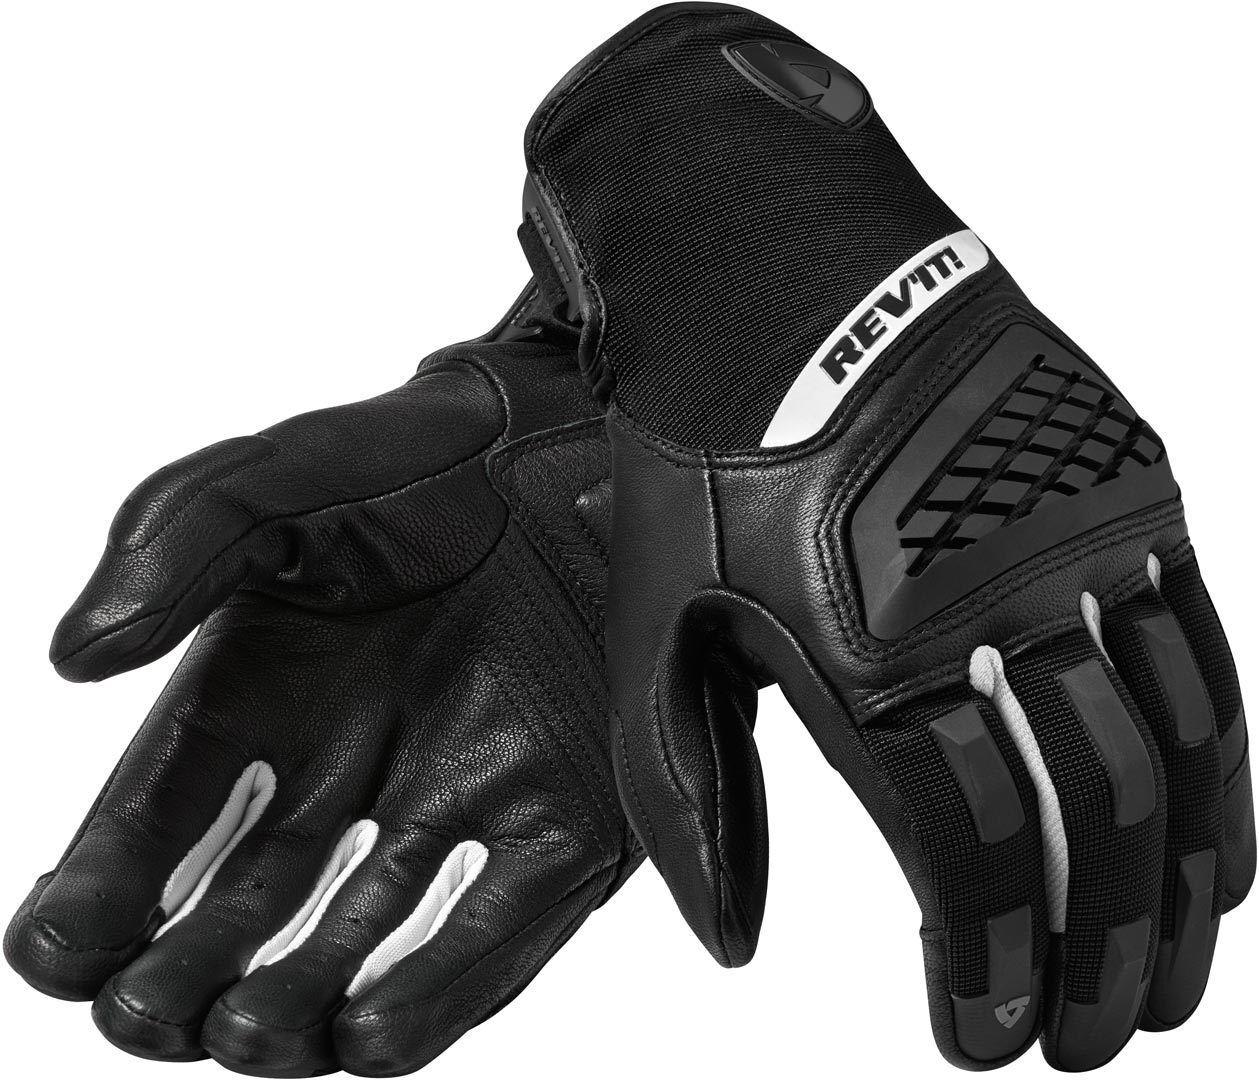 Revit Neutron 3 Gants de motocross Noir Blanc taille : M